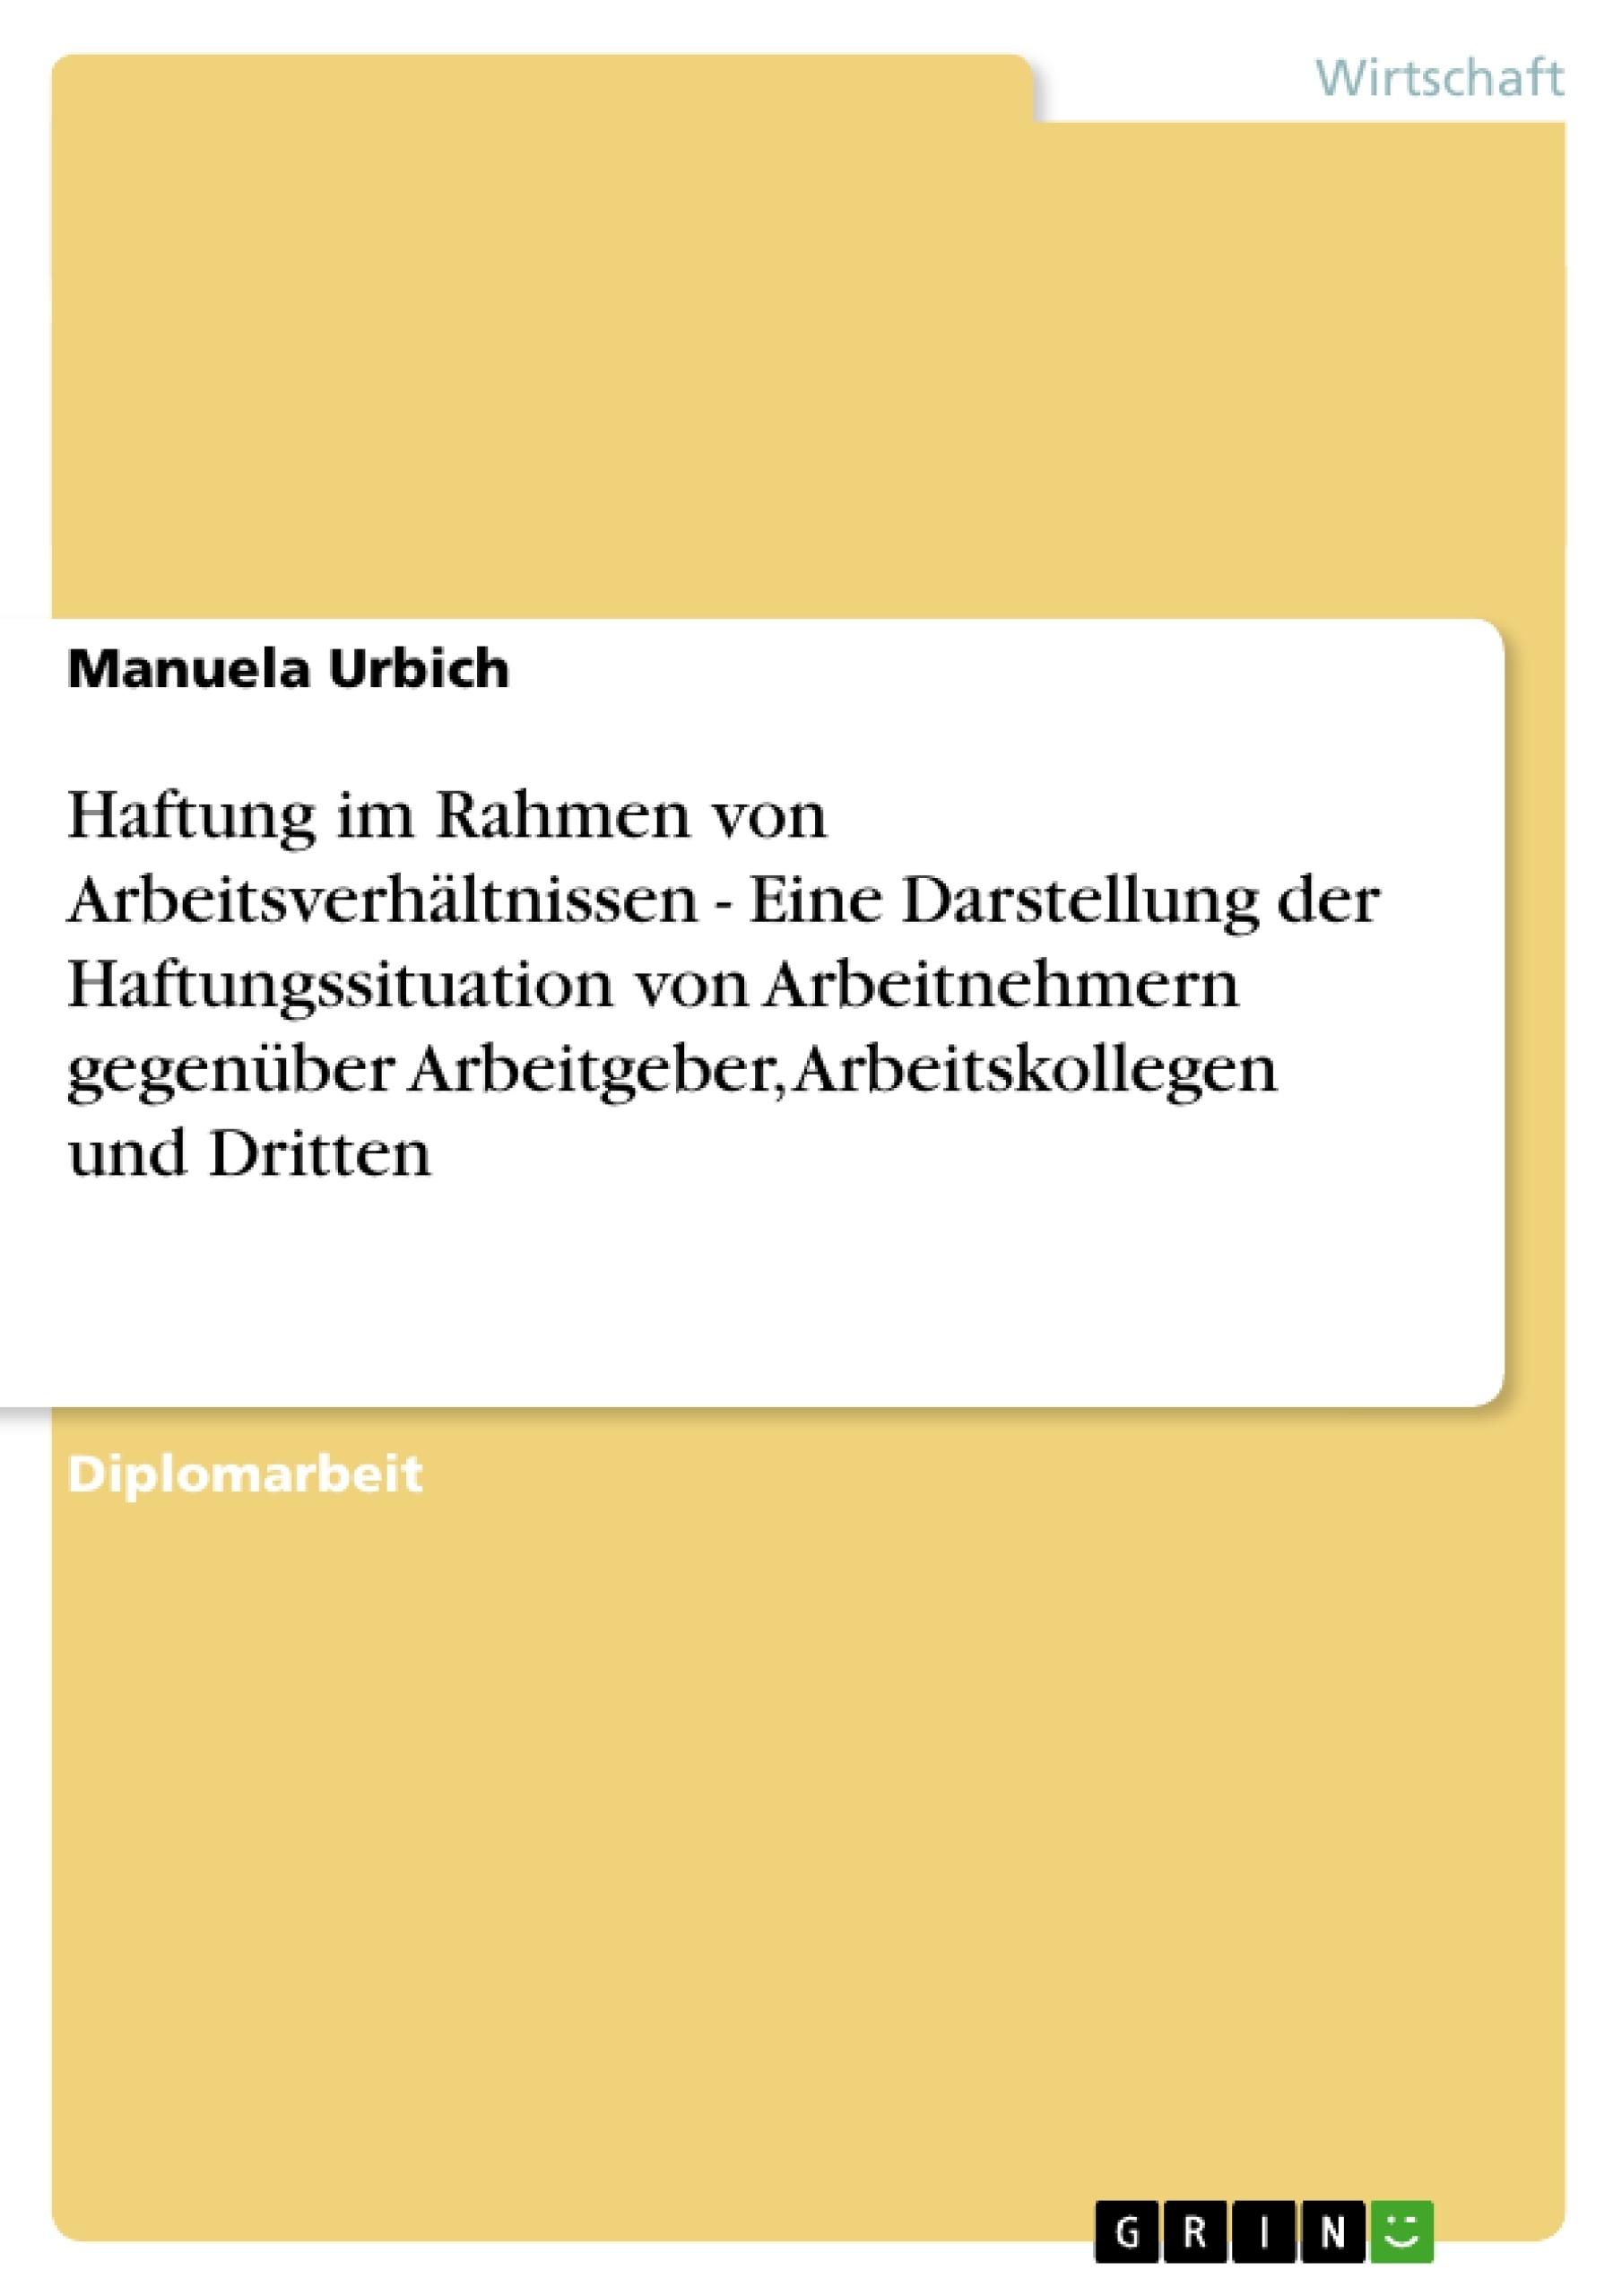 Titel: Haftung im Rahmen von Arbeitsverhältnissen - Eine Darstellung der Haftungssituation von Arbeitnehmern gegenüber Arbeitgeber, Arbeitskollegen und Dritten